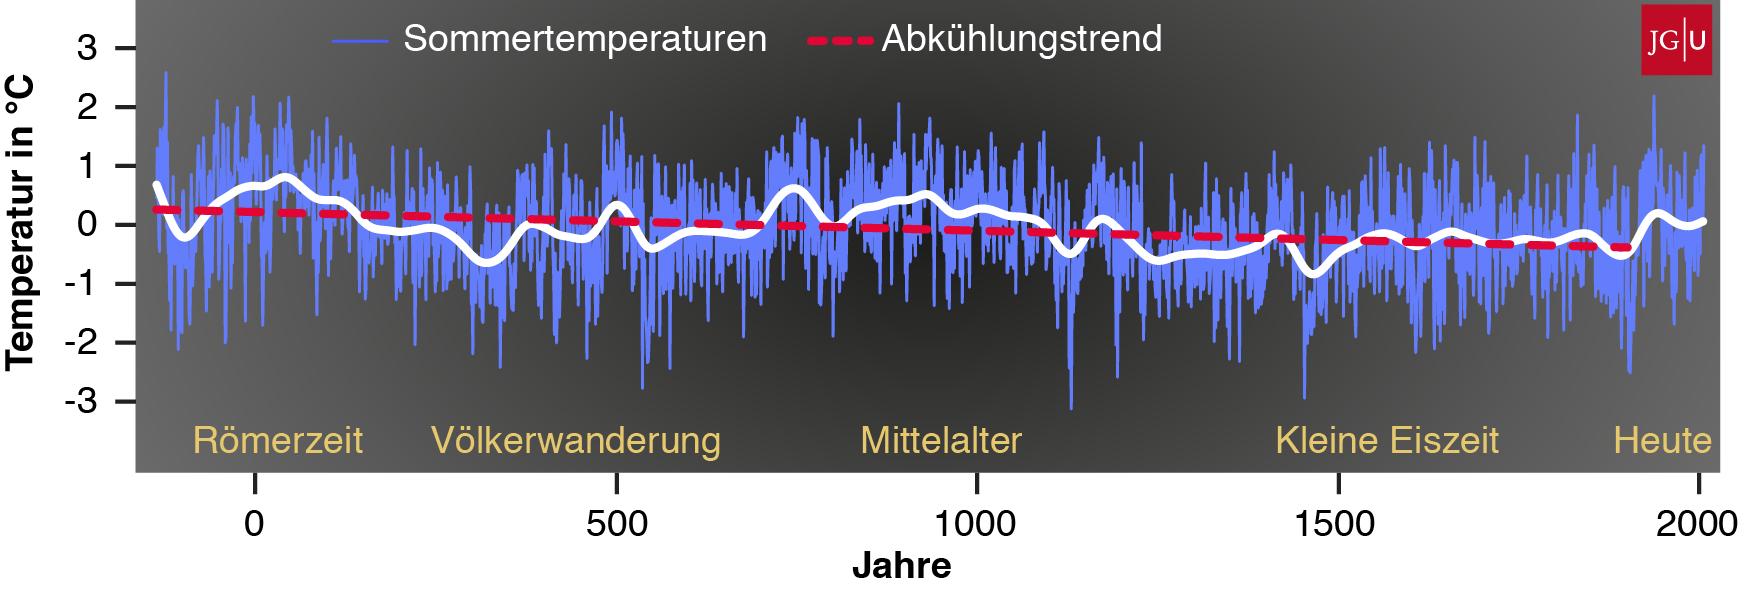 Temperaturverlauf Nordeuropa nach der Espen et  al Studie